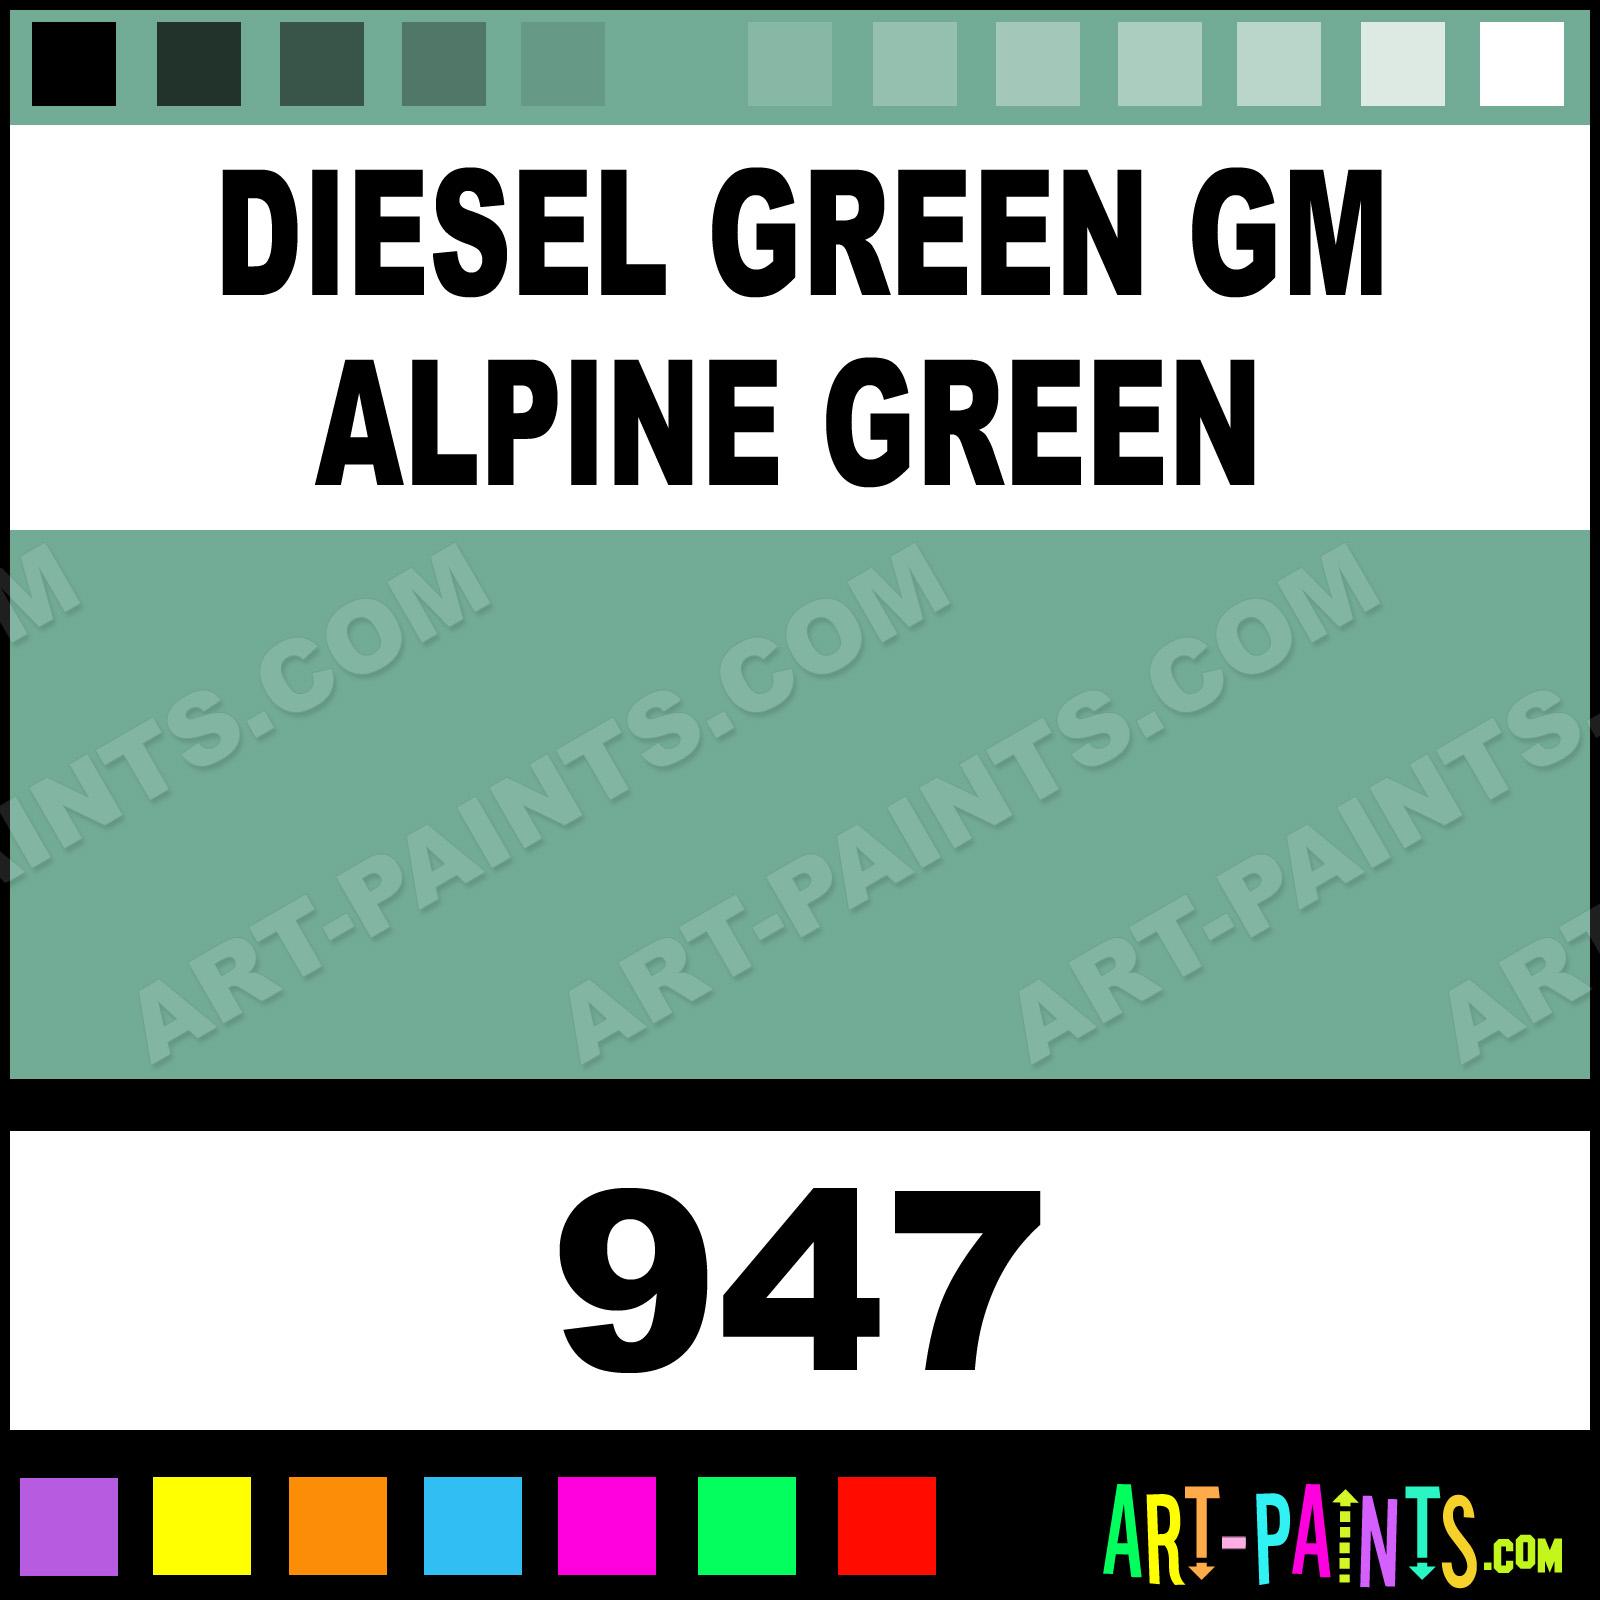 Diesel green gm alpine green